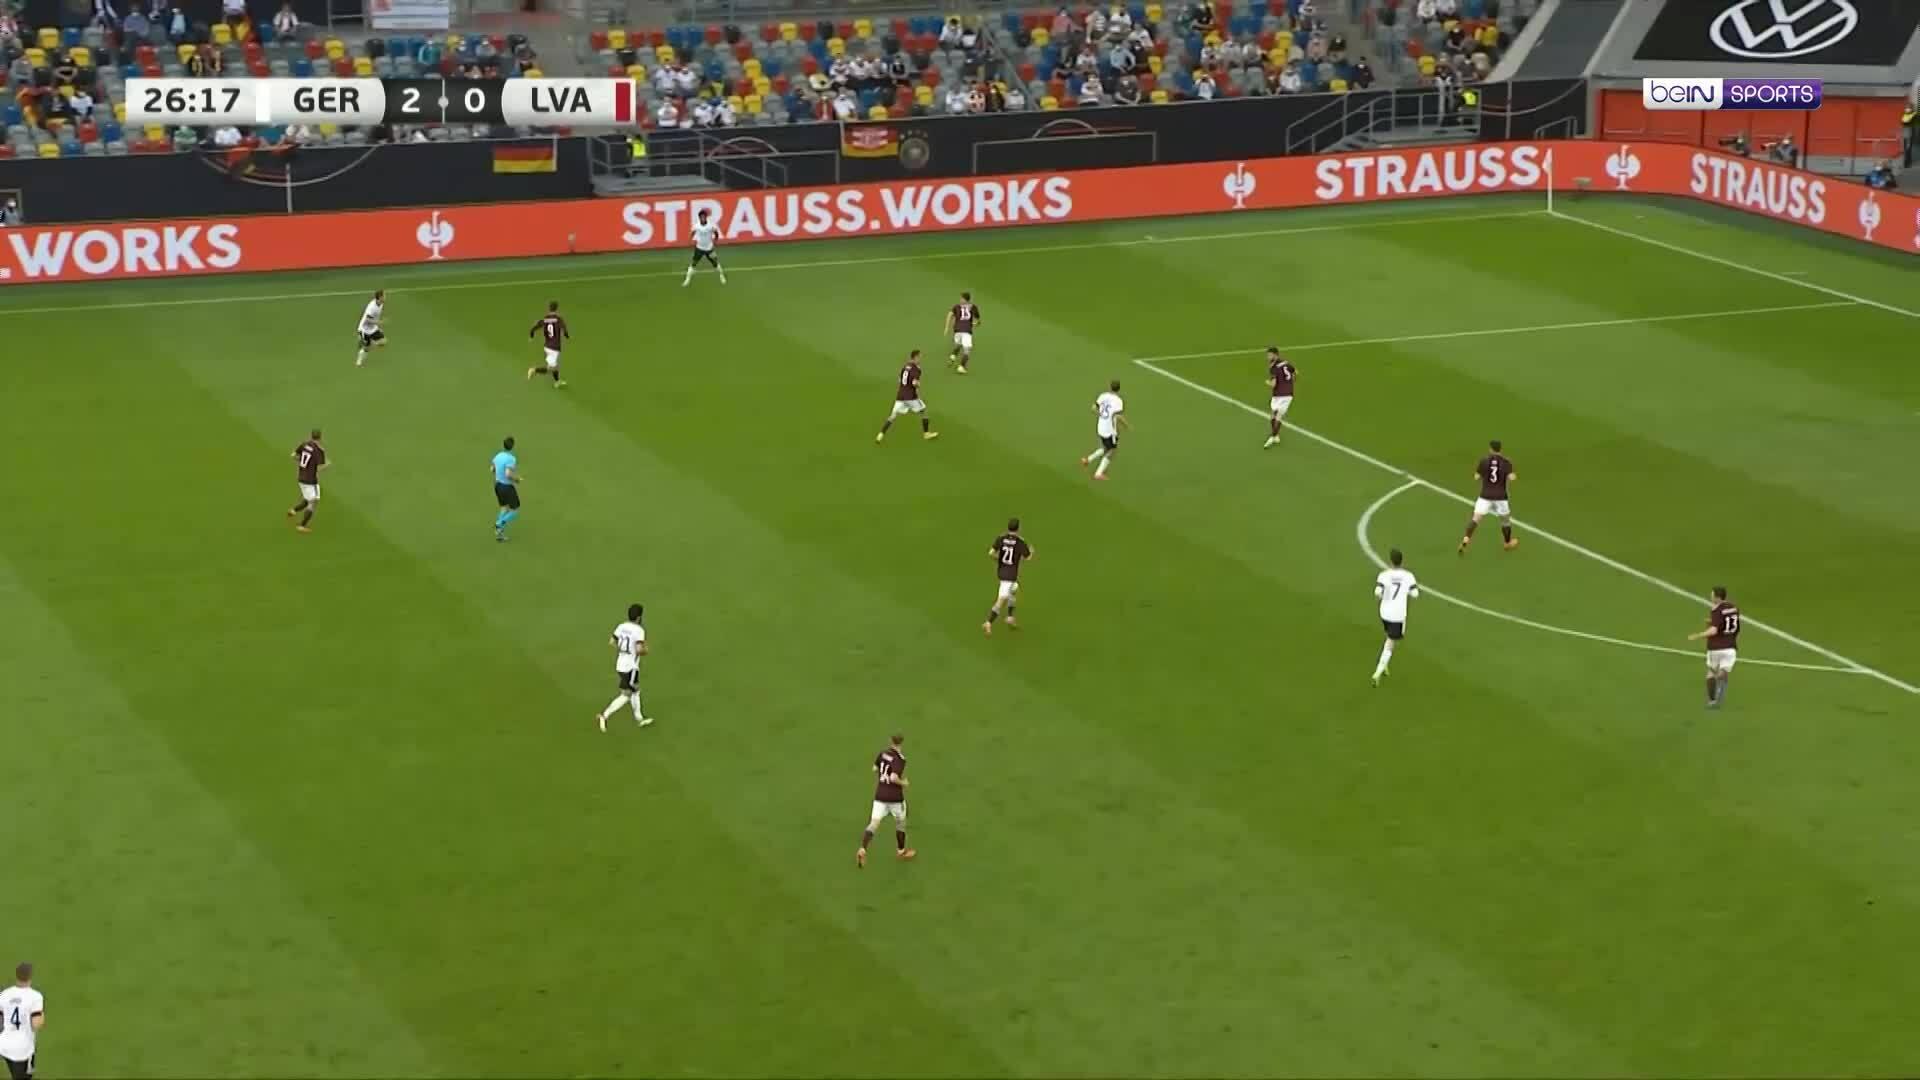 Jerman 7-1 Latvia